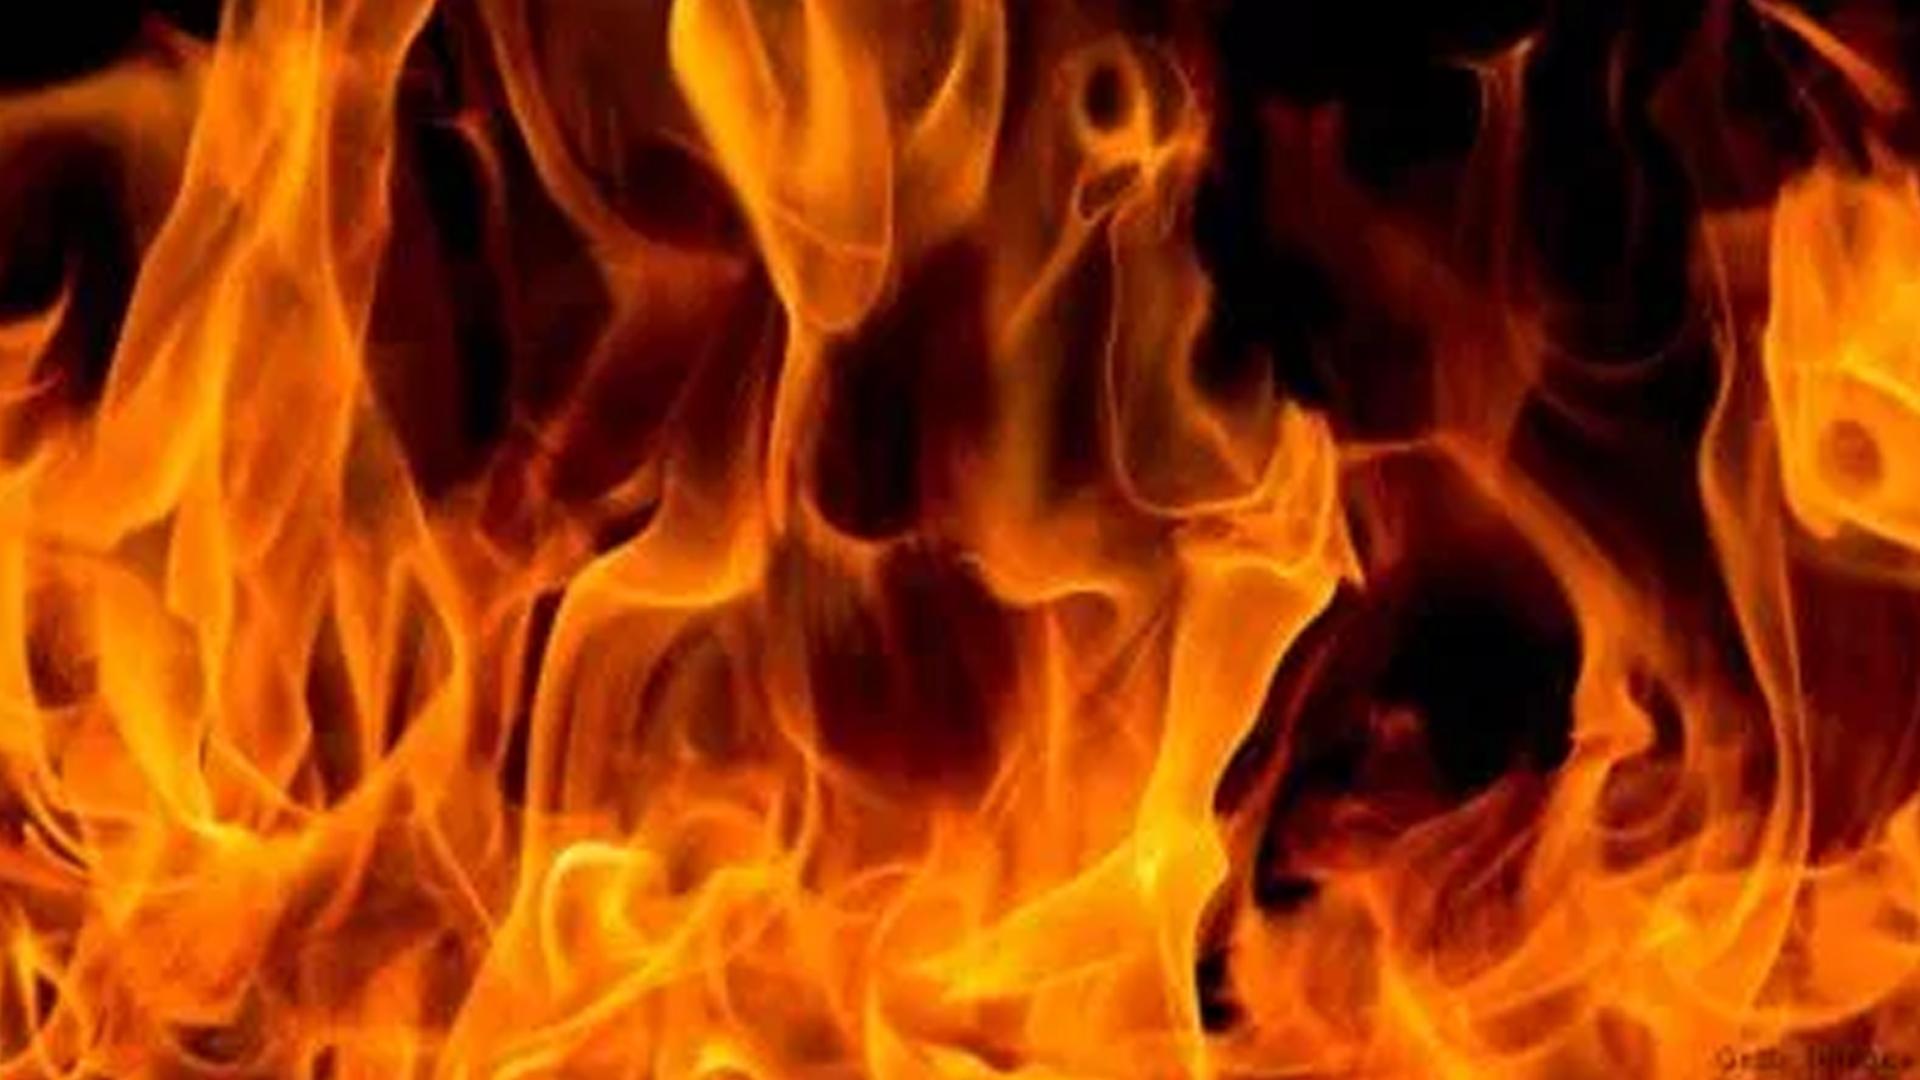 FIRE FLAMES_1551682538142.jpg.jpg